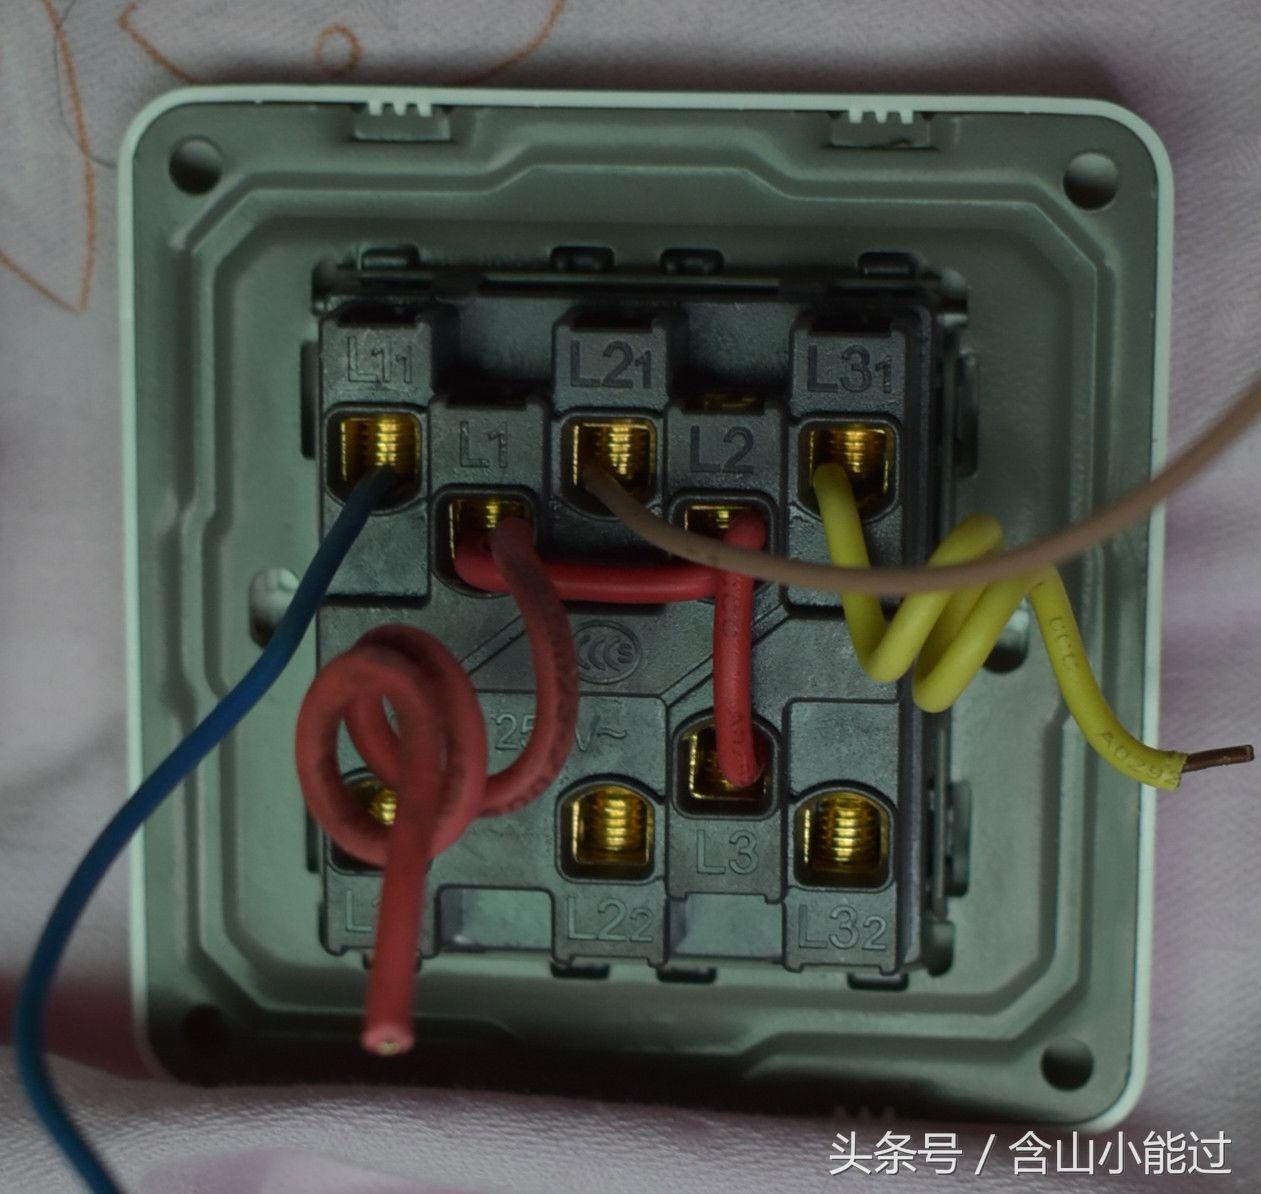 此图接线为三开双控面板当三开单控用,l1丶l2,l3跳线接火线,l11,l21